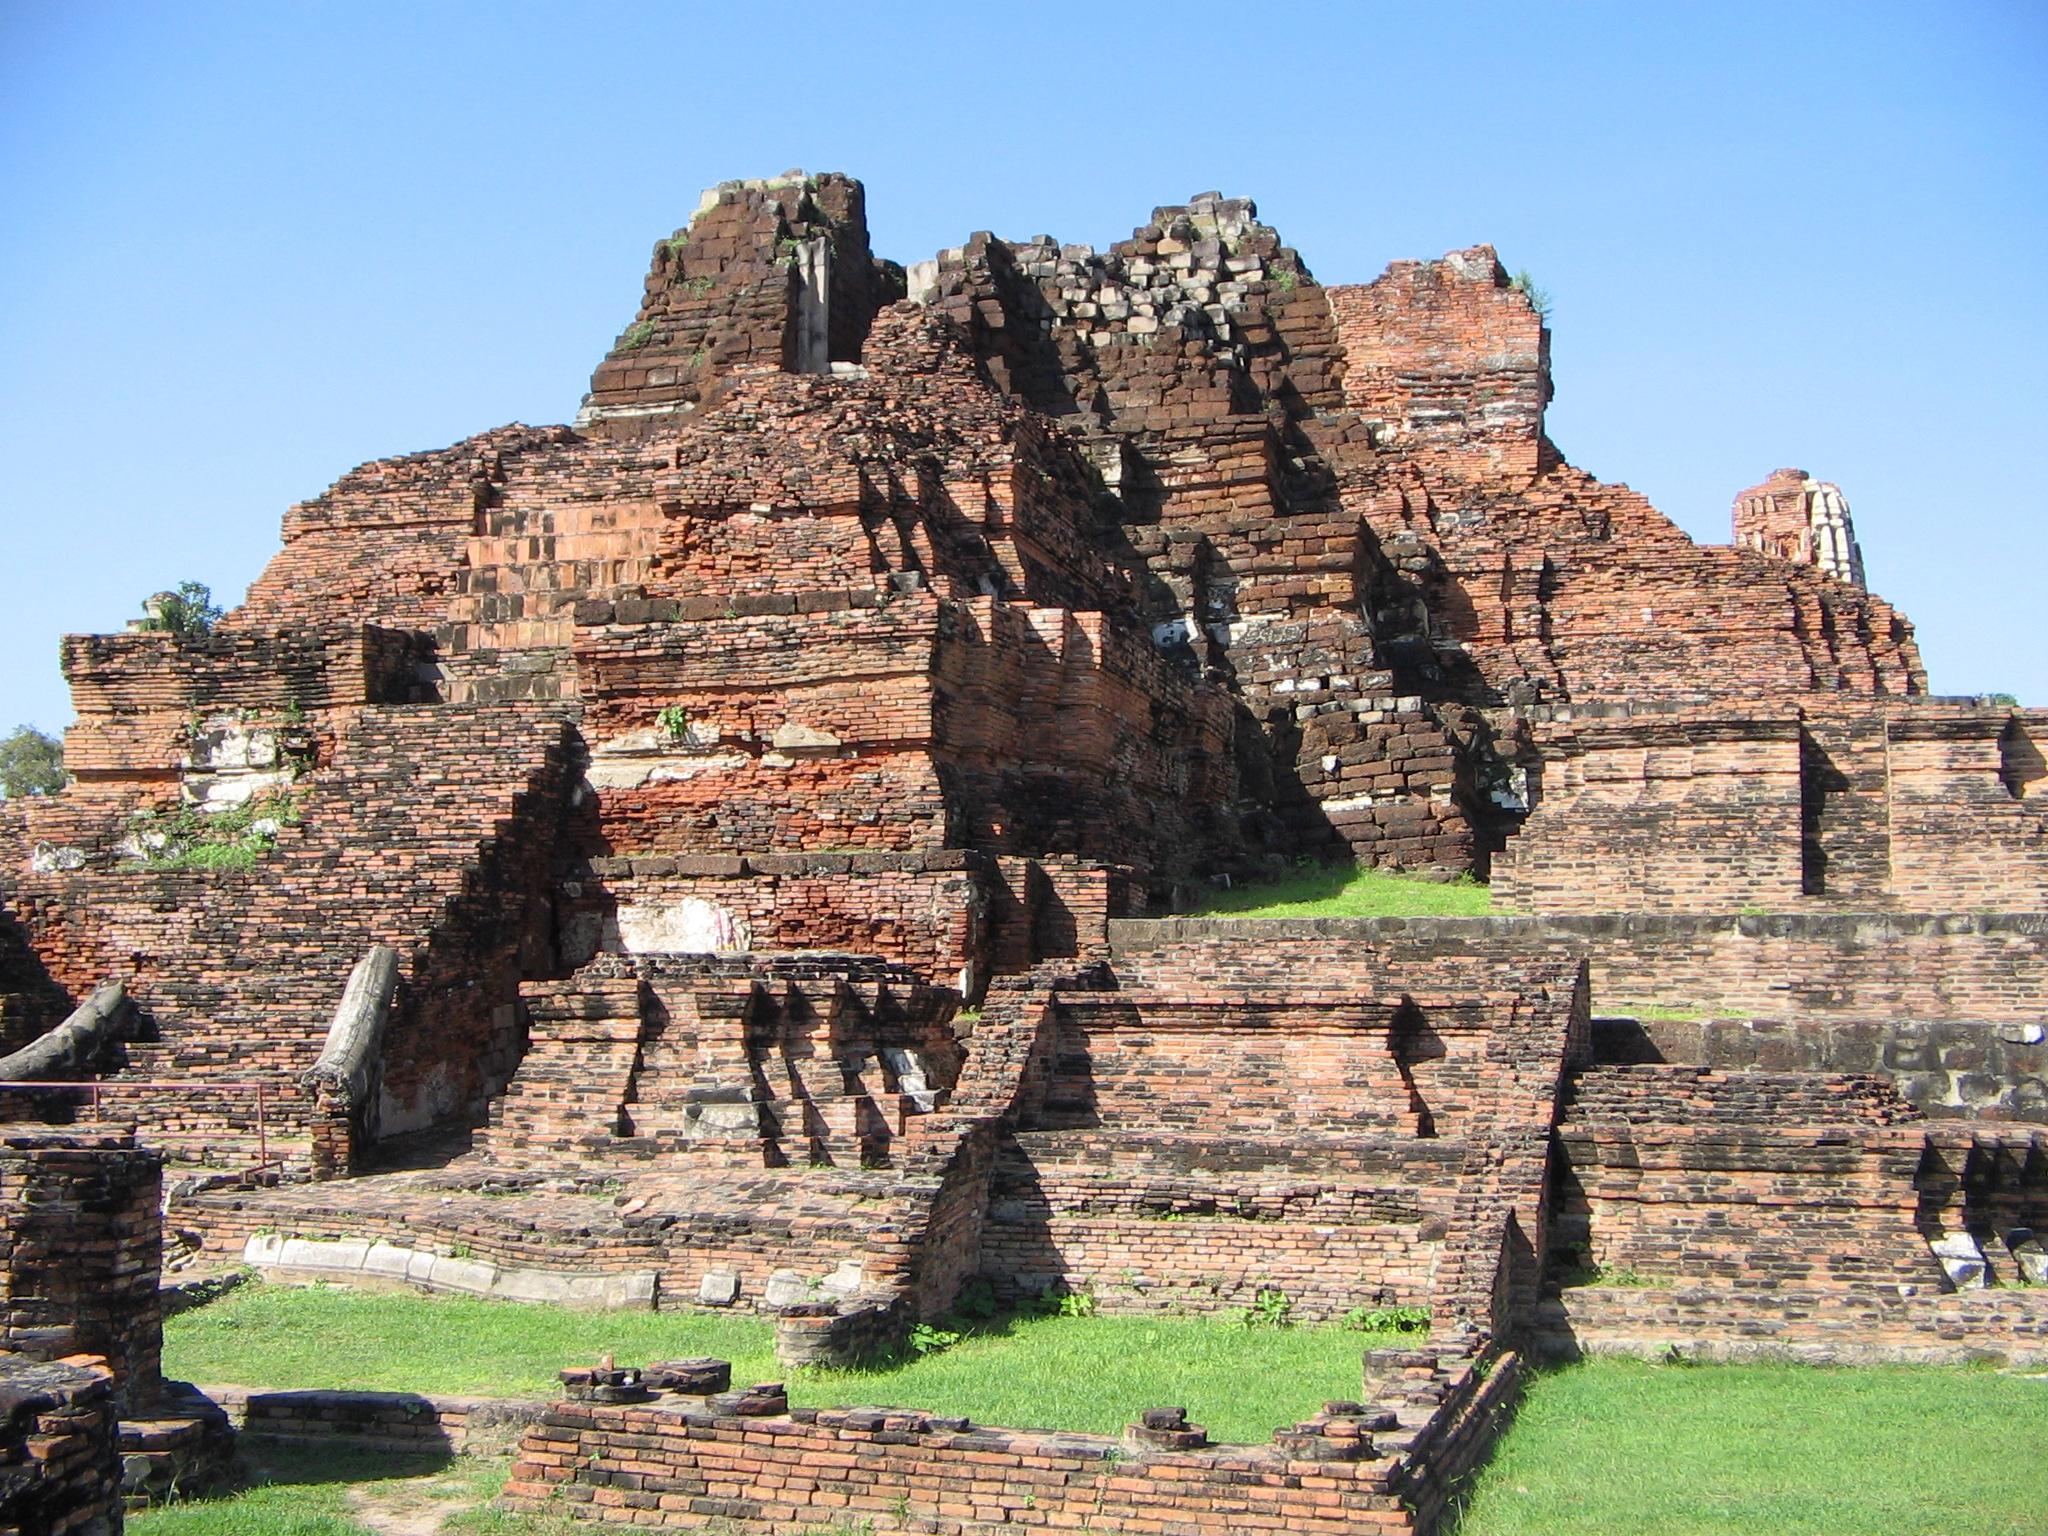 File:Wat Mahathat (Ayutthaya)03.JPG - Wikimedia Commons